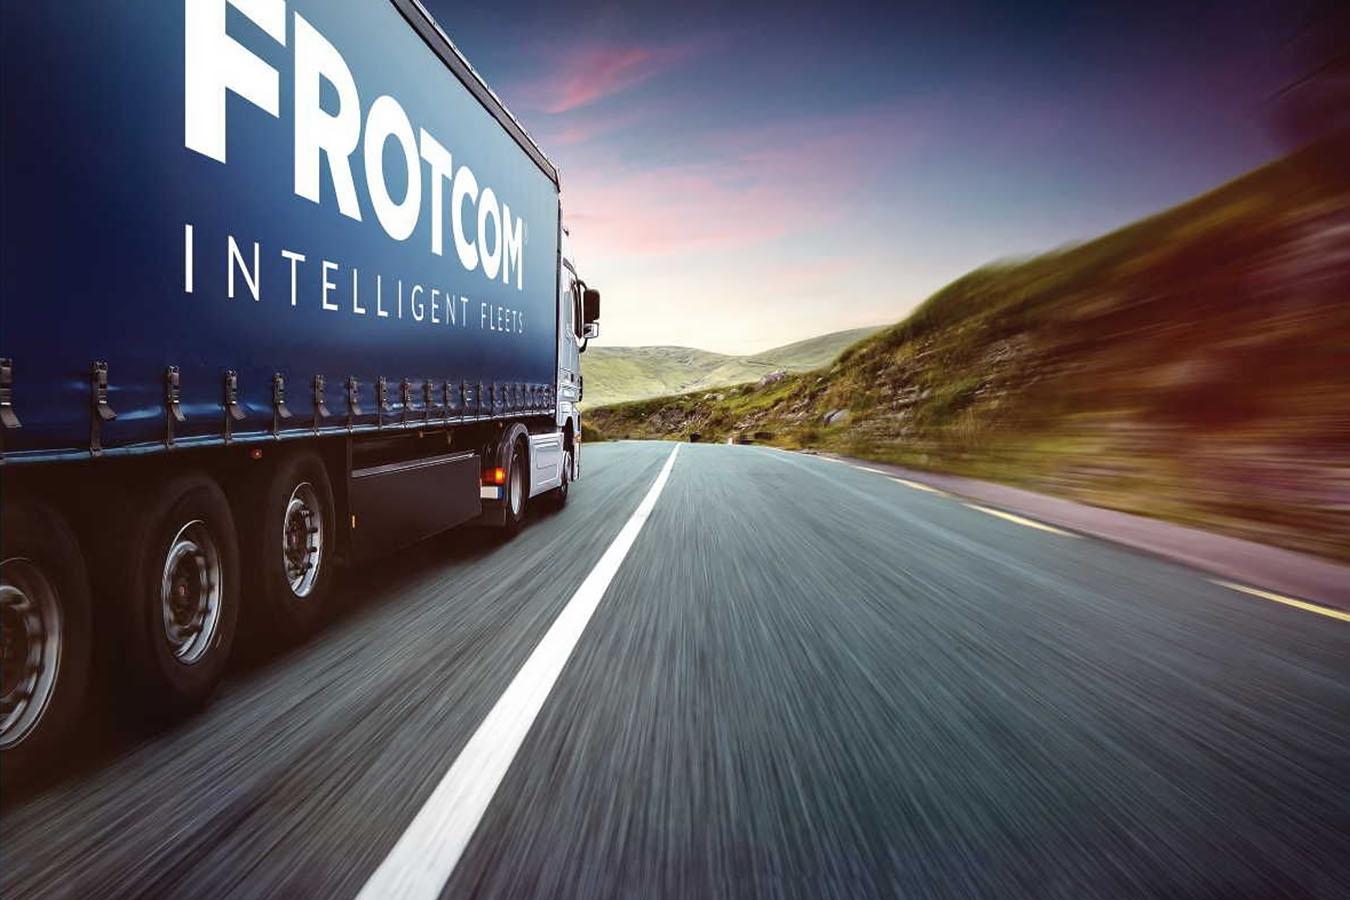 Frotcom облекчава бизнеса с телематика